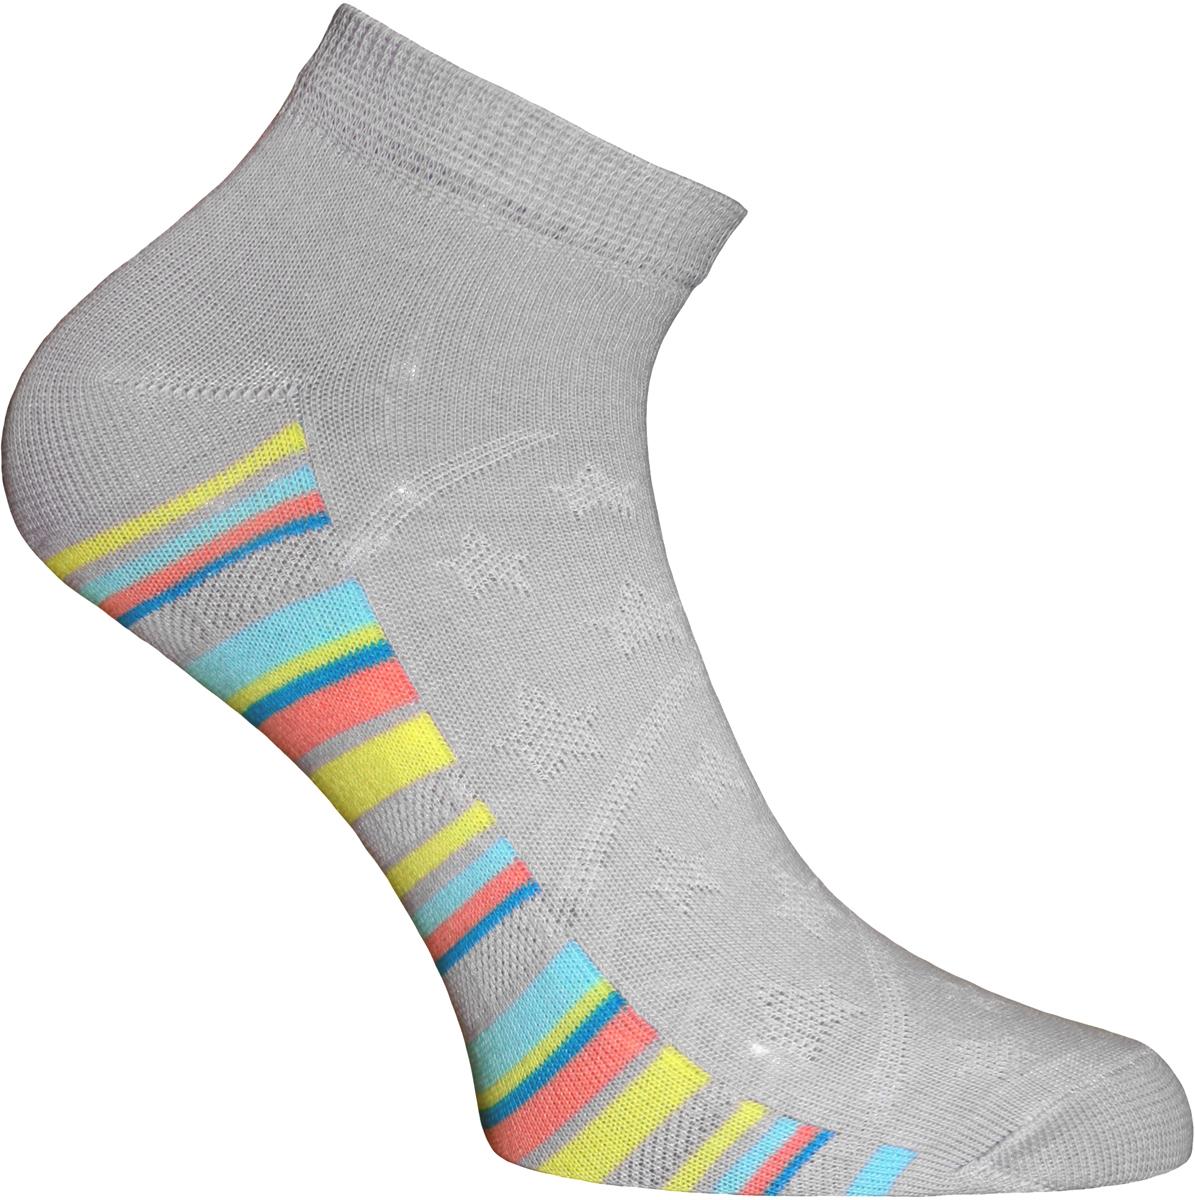 Носки женские Master Socks, цвет: светло-серый. 55910. Размер 2555910Удобные носки Master Socks, изготовленные из высококачественного комбинированного материала с хлопковой основой, очень мягкие и приятные на ощупь, позволяют коже дышать.Эластичная резинка плотно облегает ногу, не сдавливая ее, обеспечивая комфорт и удобство. Носки с укороченным паголенком оформлены принтом в полоску. Практичные и комфортные носки великолепно подойдут к любой вашей обуви.